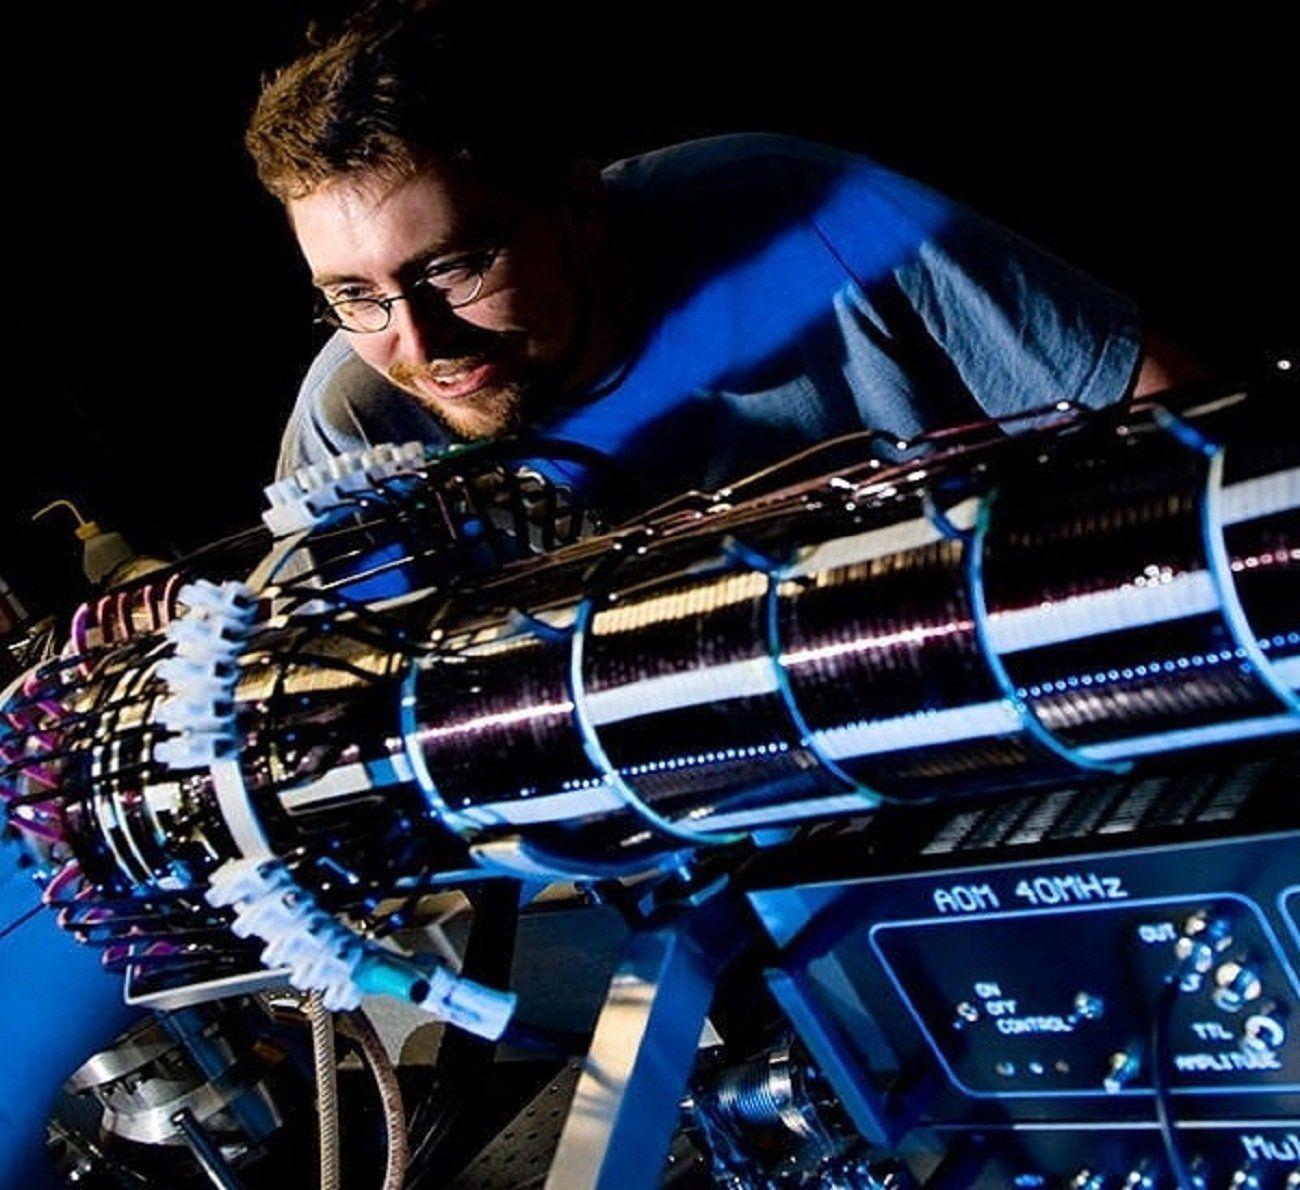 Для квантовых компьютеров создали первые отладчики программ - ТЕХНО bigmir)net